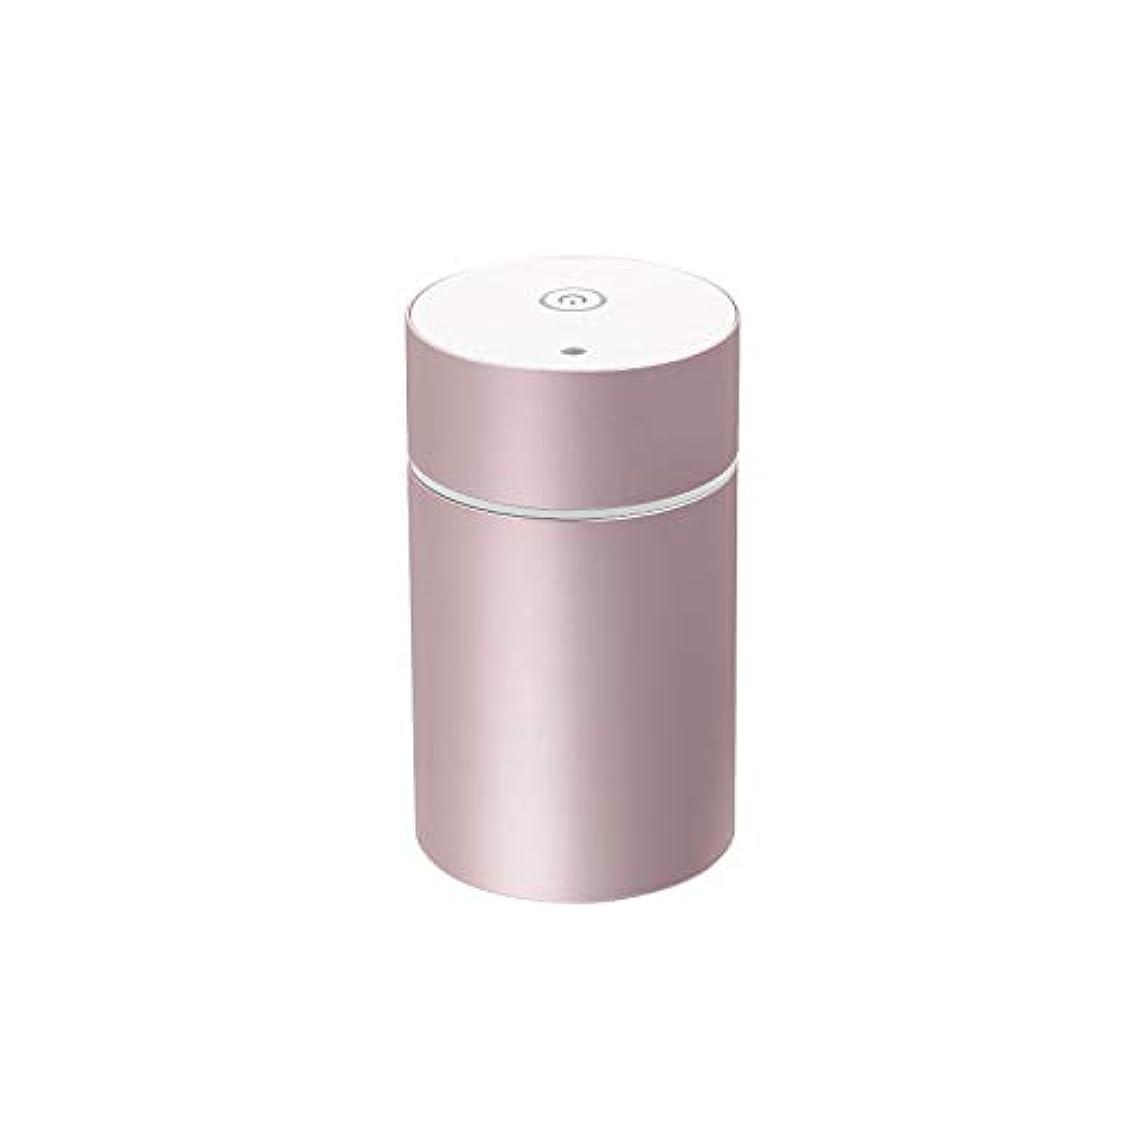 タックル分布明るい生活の木 アロマディフューザー(ピンク)aromore mini(アロモアミニ) 08-801-7020